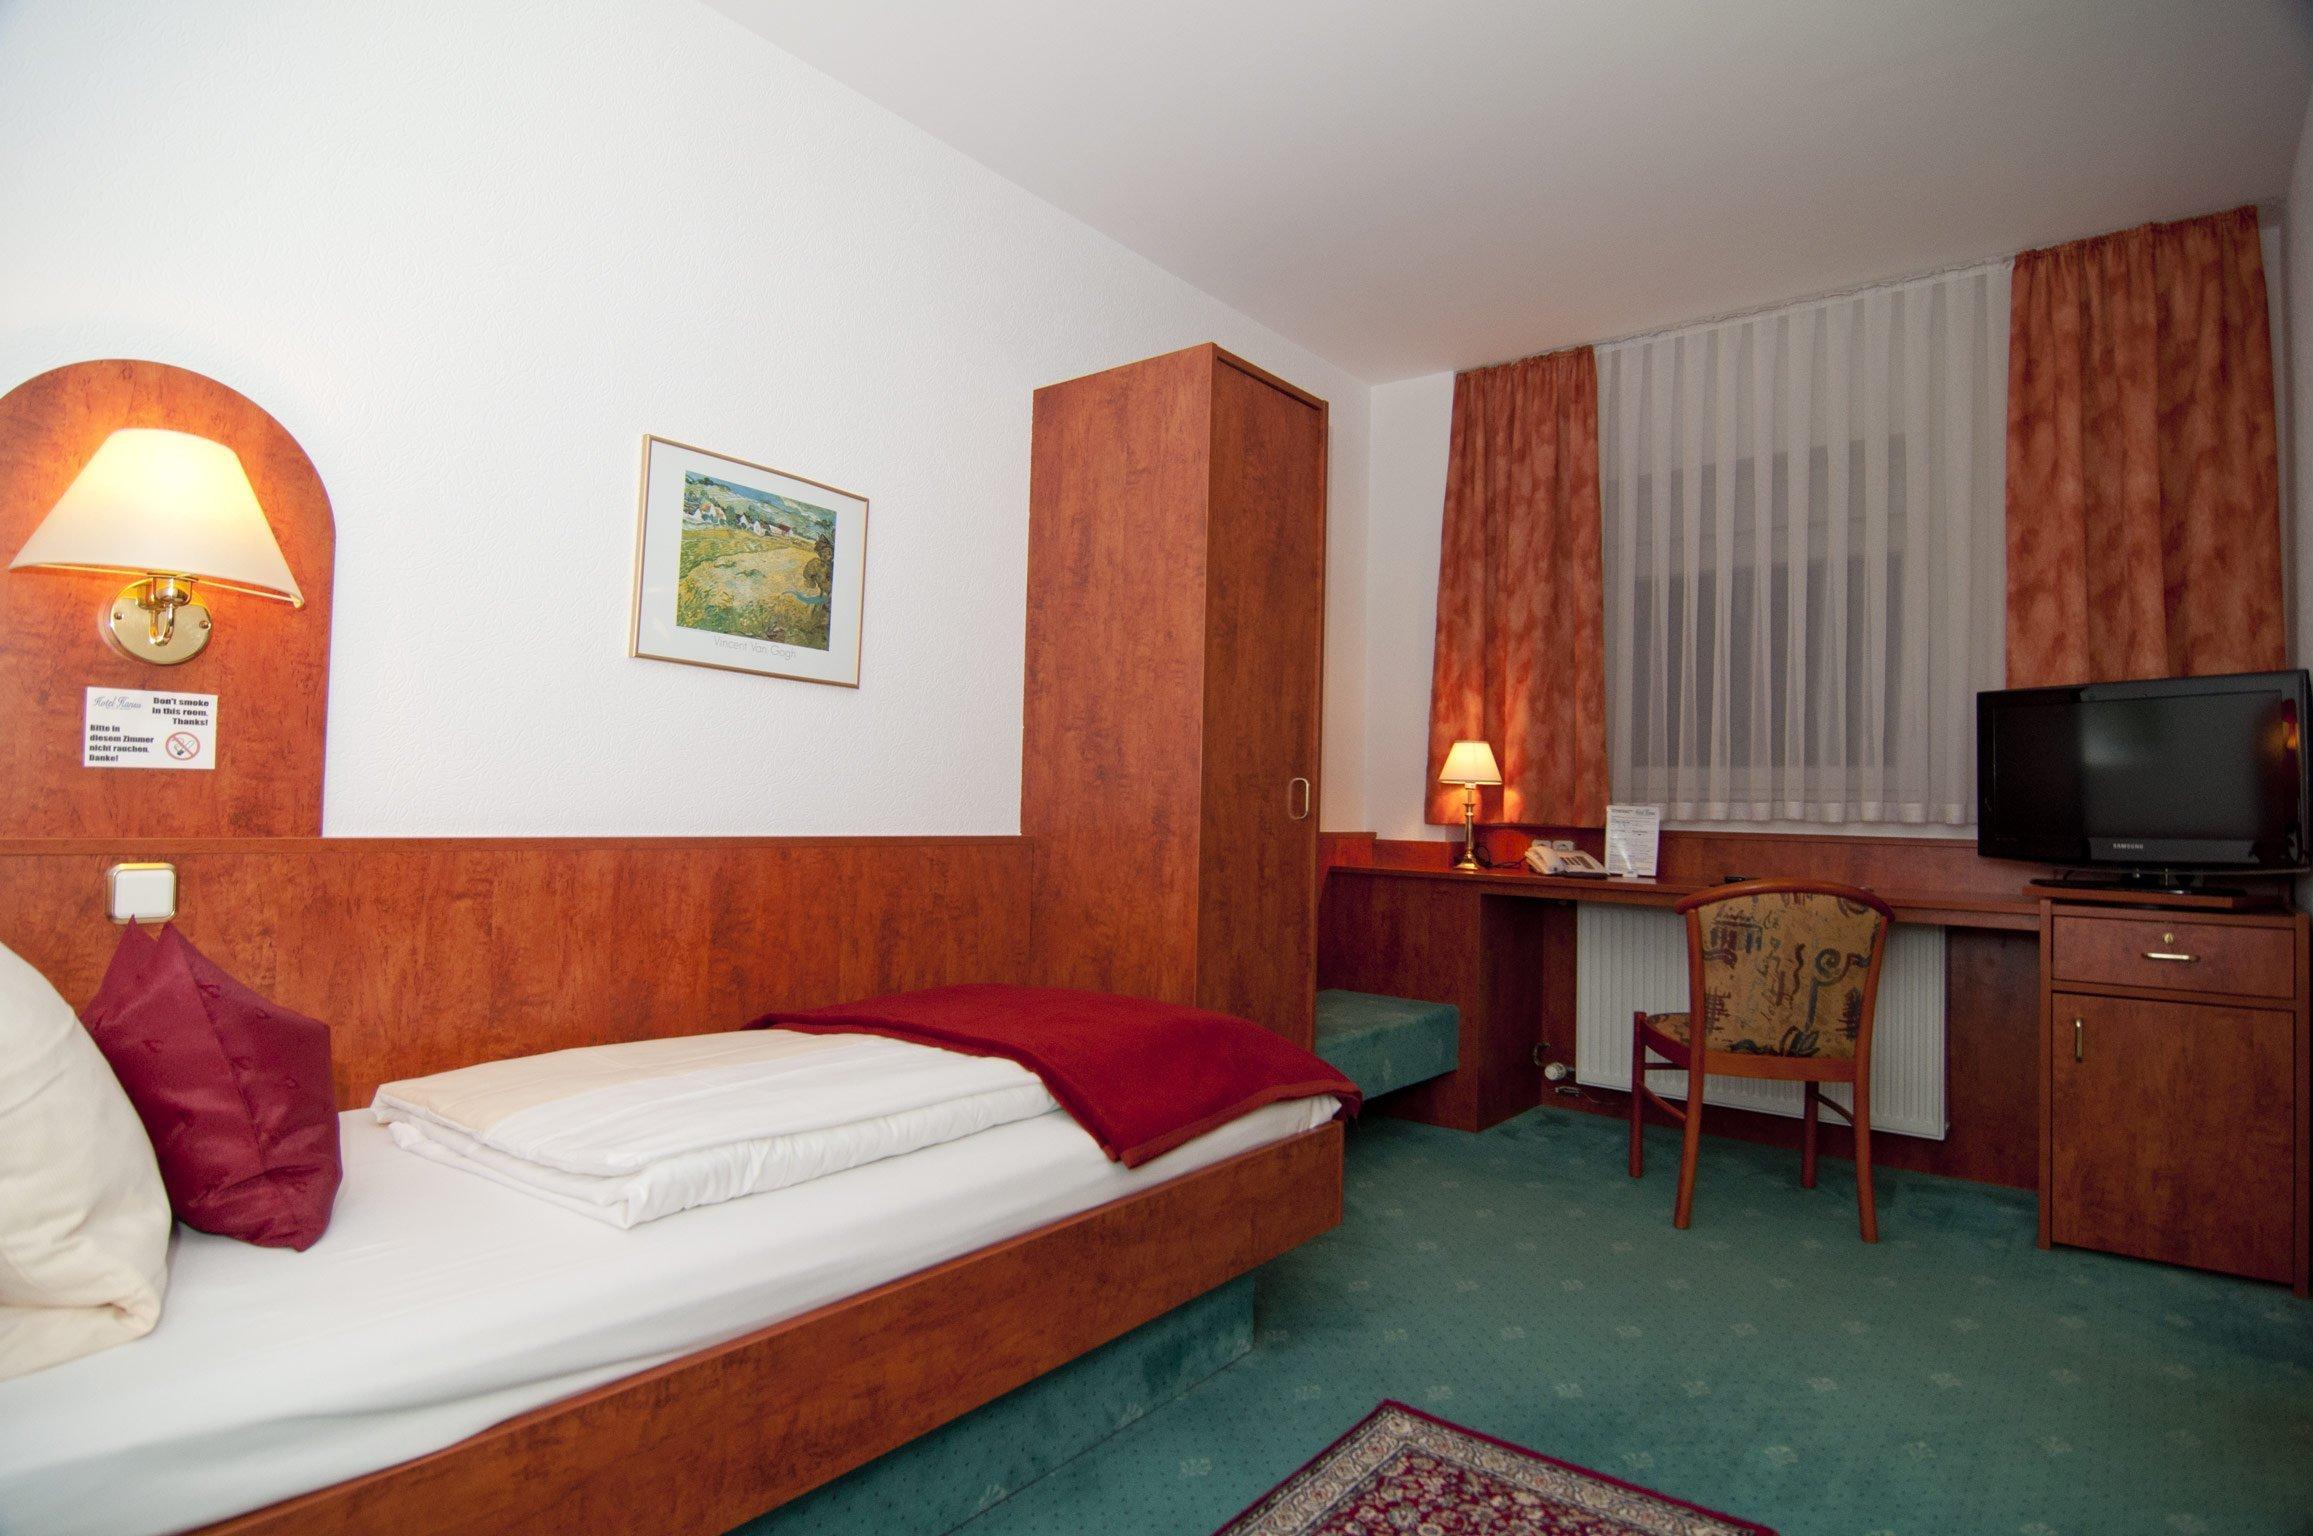 Zimmer 124 Im Hotel Hansa Offenbach